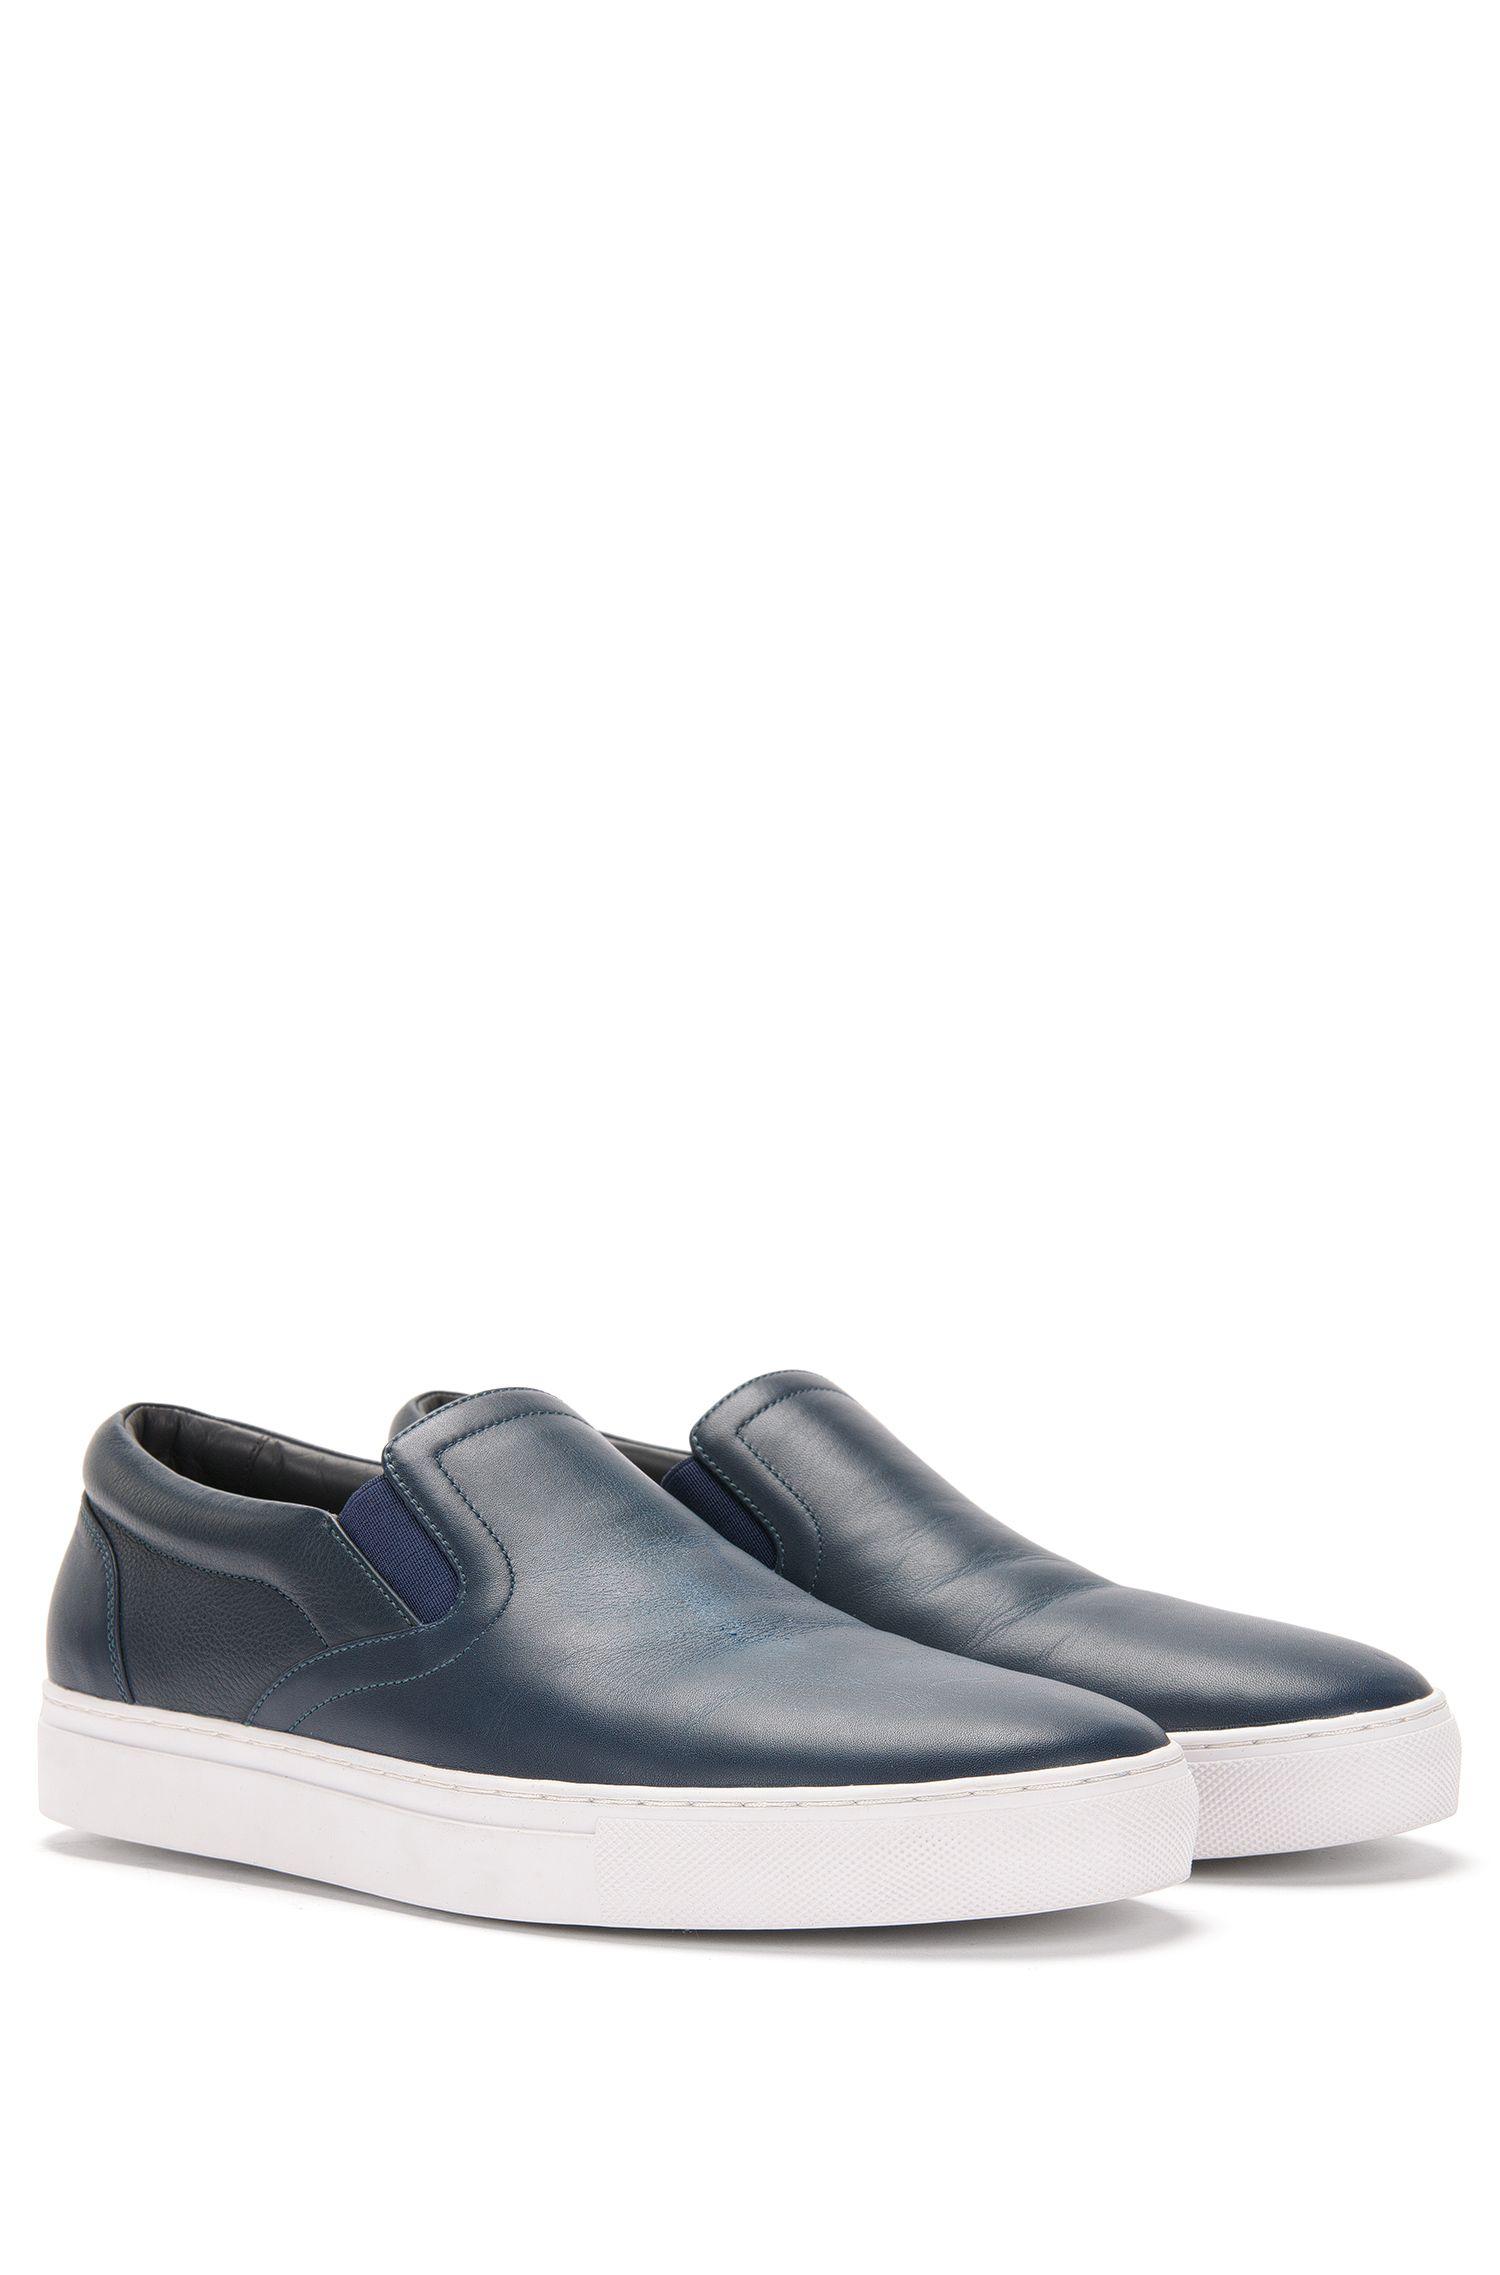 'Timeless Slon Mx' | Calfskin Slip-On Sneakers